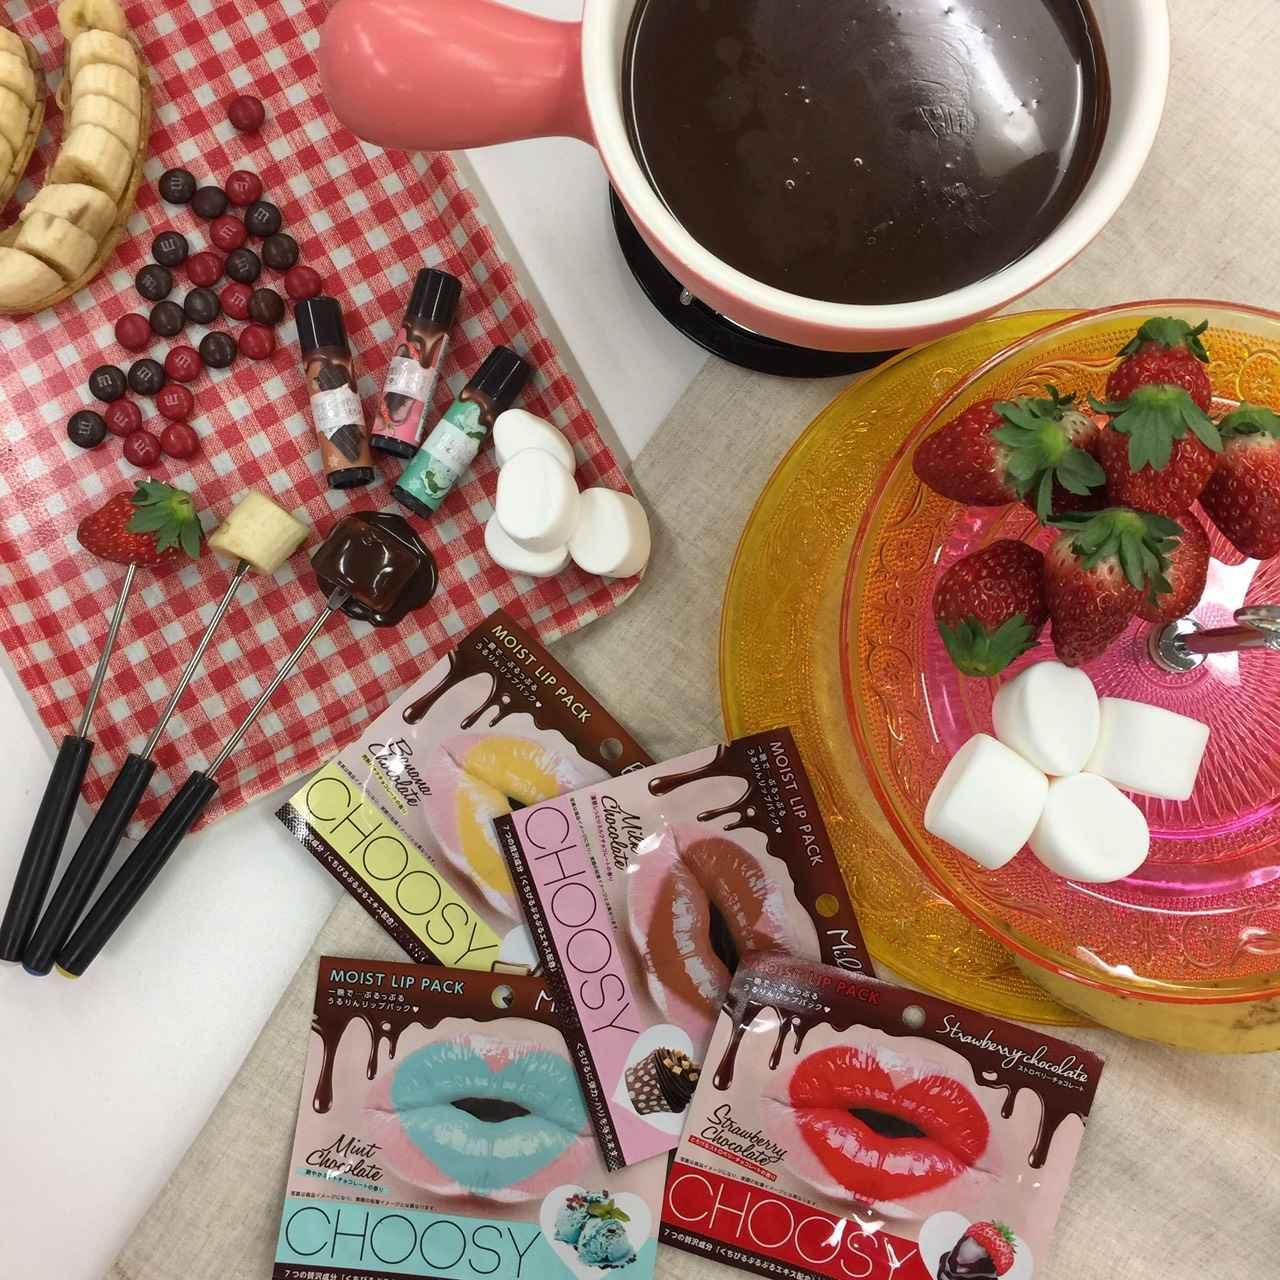 画像1: 大人気CHOOSYリップパックにチョコレートシリーズが登場!